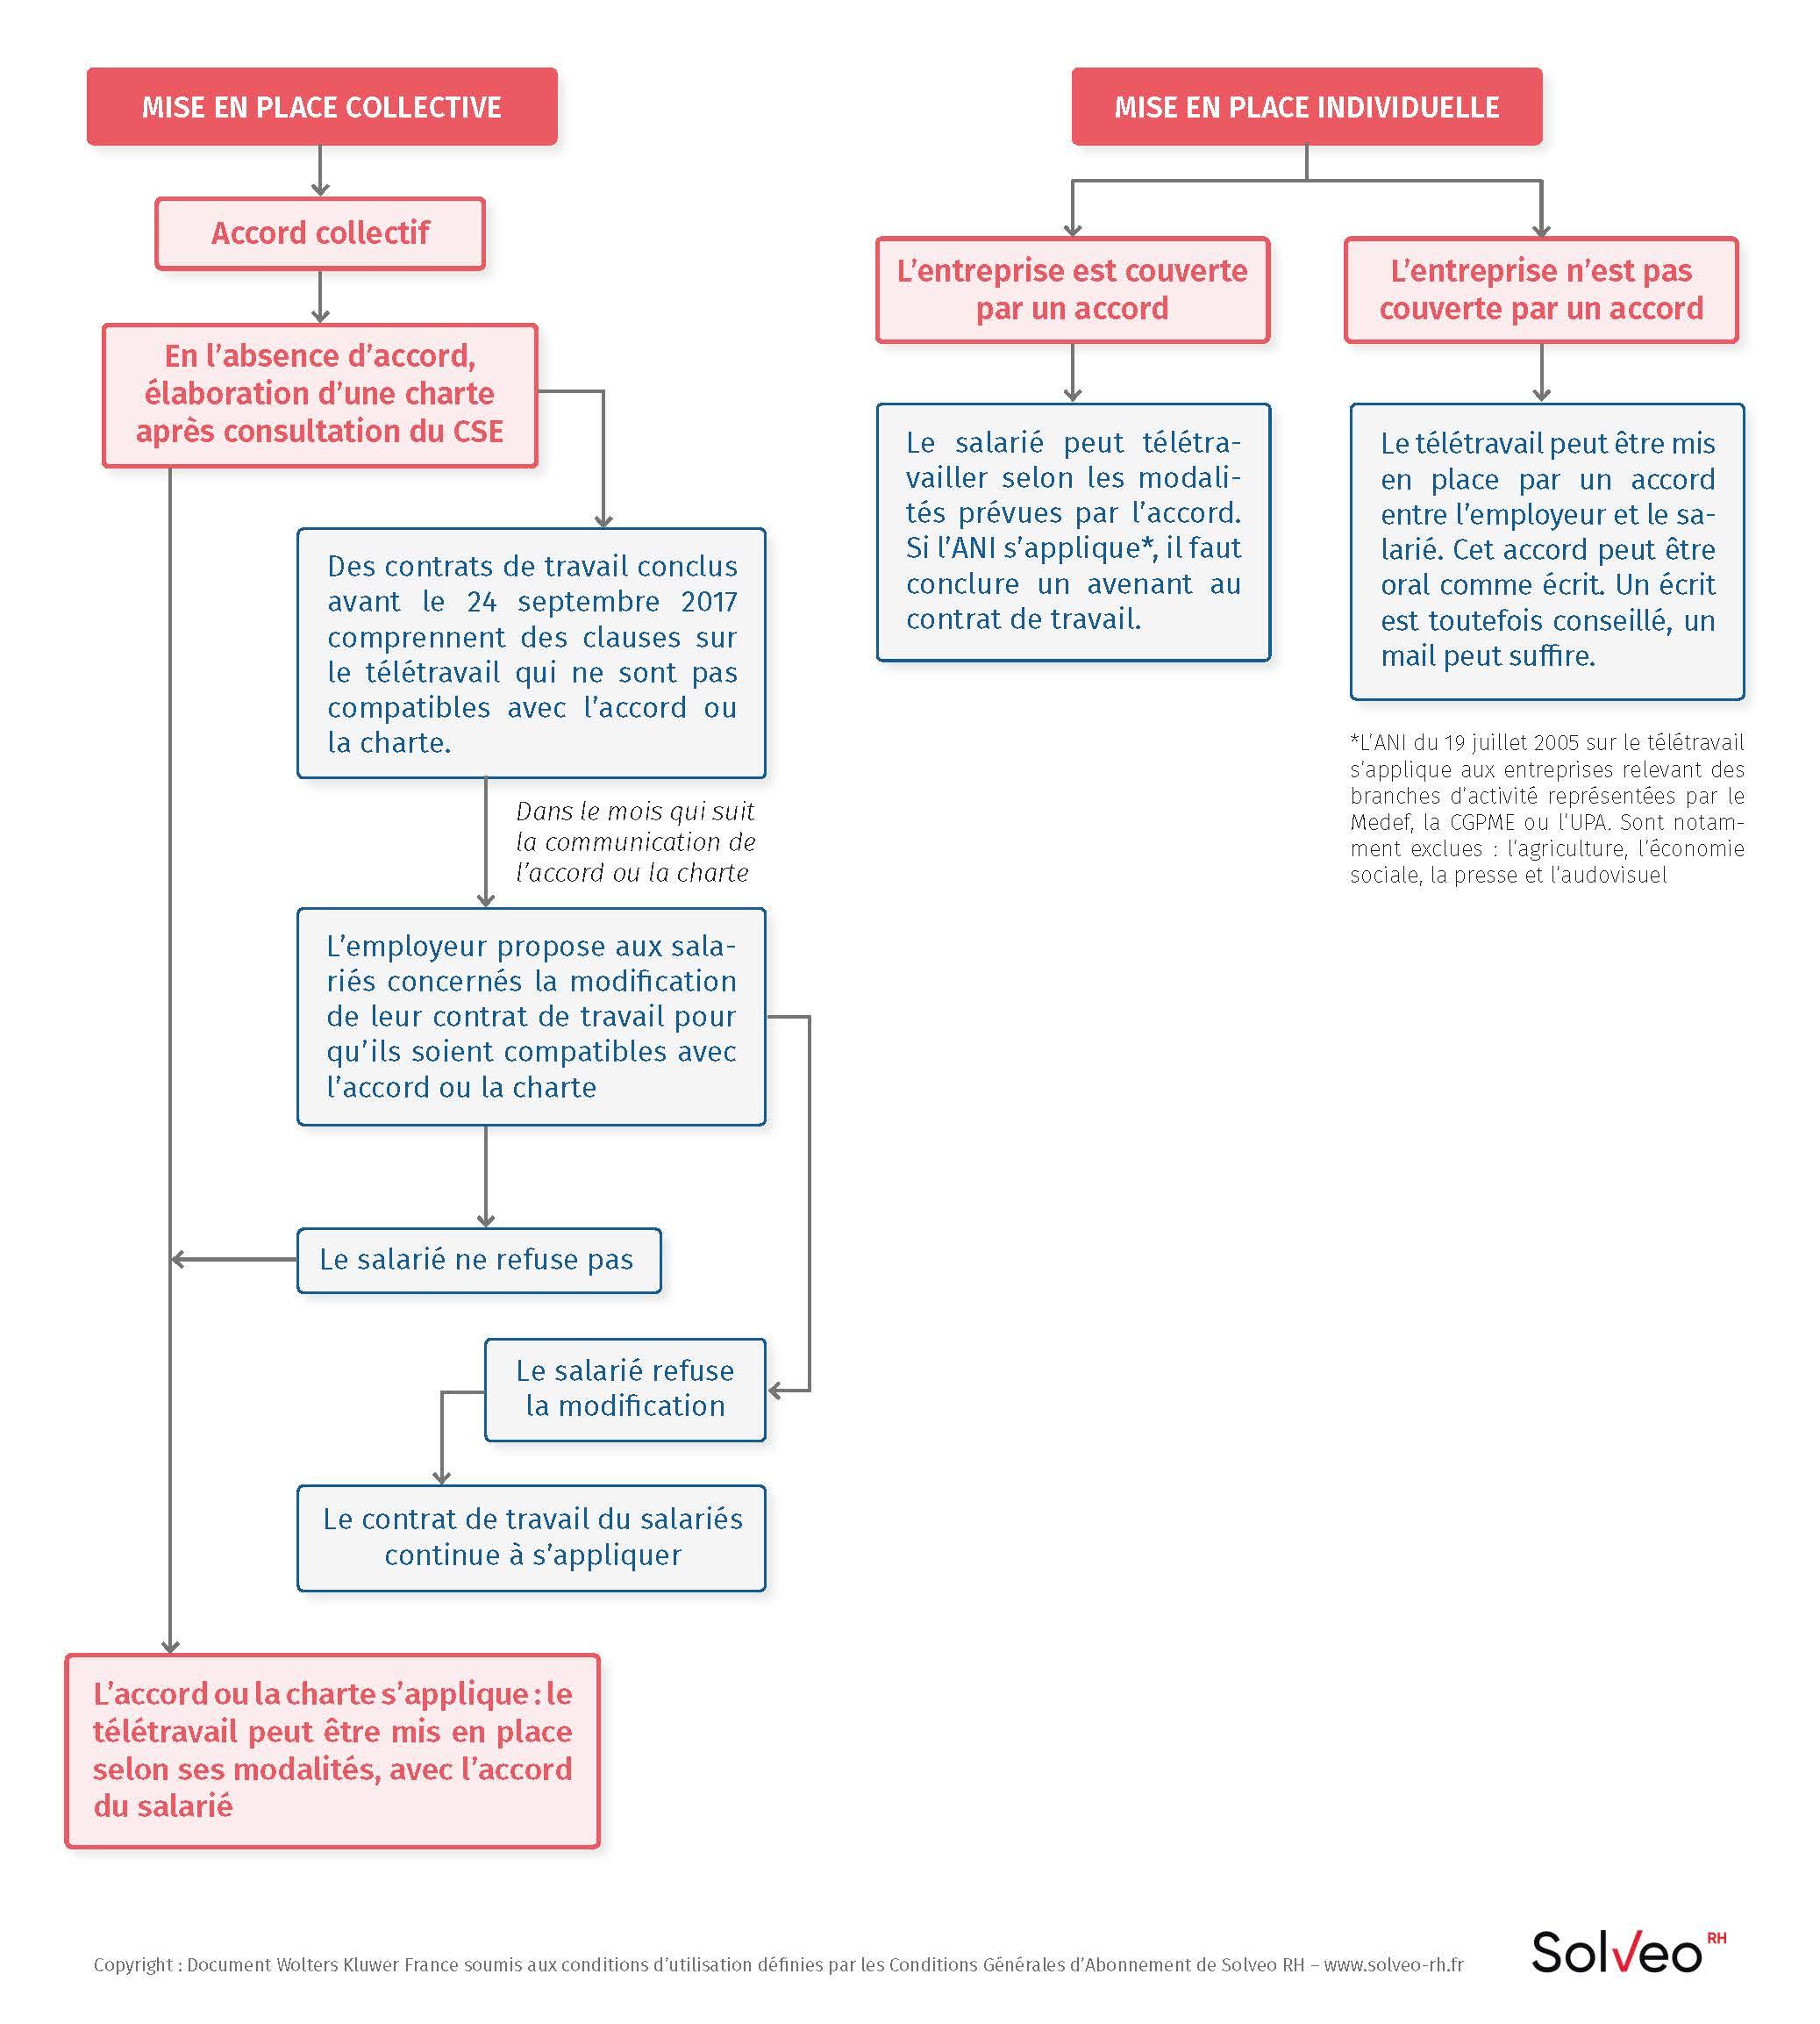 Mise en place du télétravail dans chaque contrat de travail (hors Covid-19)